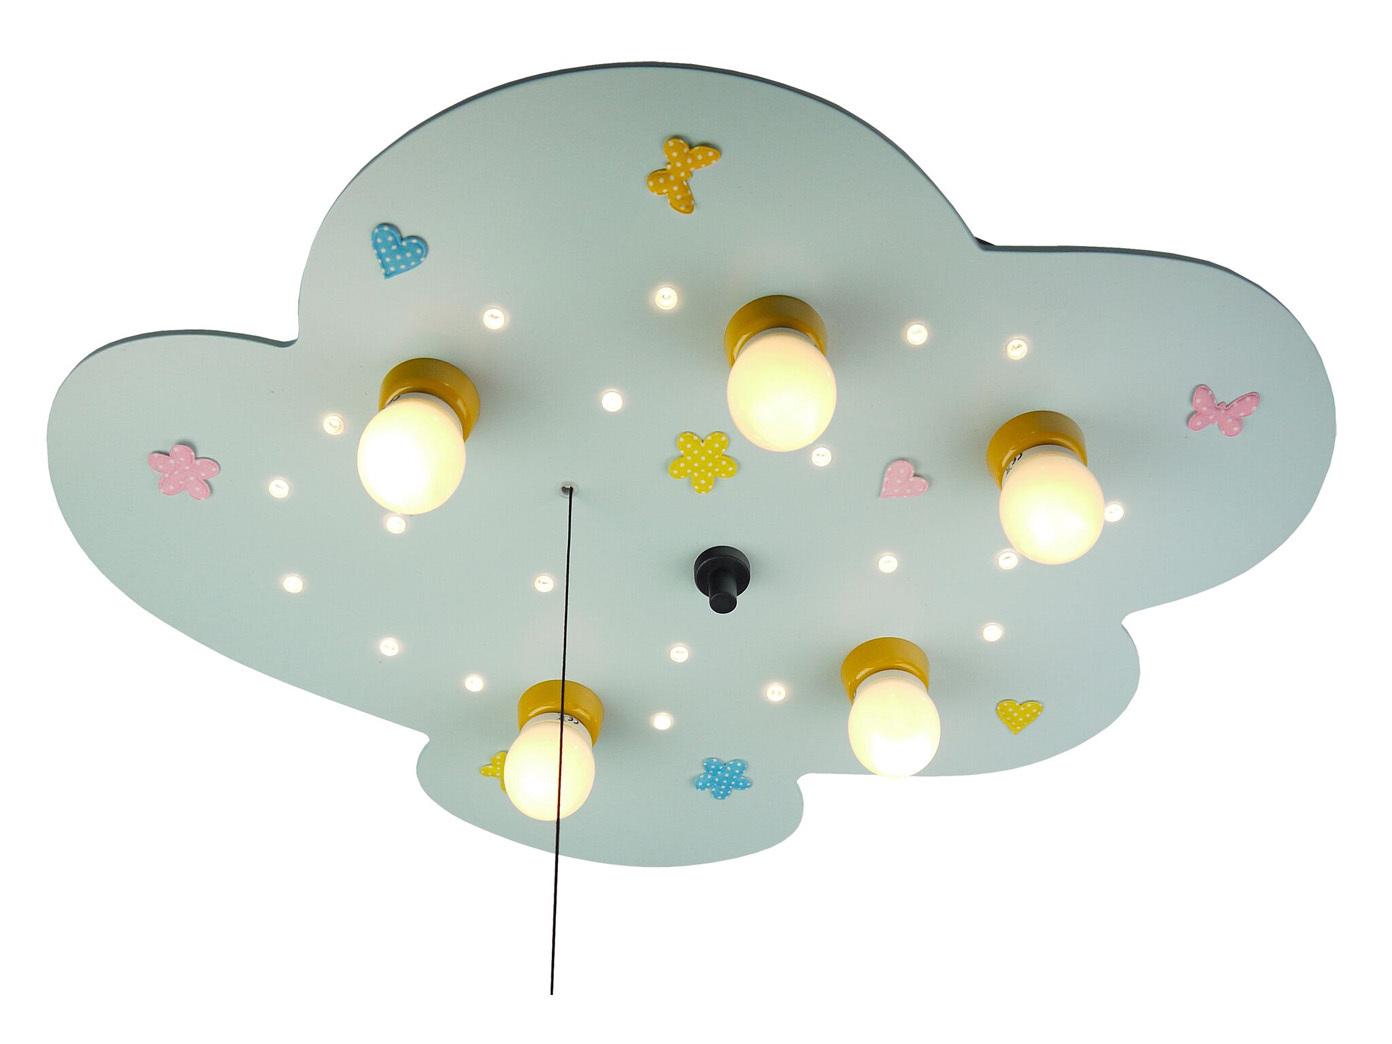 deckenlampe f r kinderzimmer wolke amazon echo kompatibel led schlummerlicht neu 4036239027613. Black Bedroom Furniture Sets. Home Design Ideas